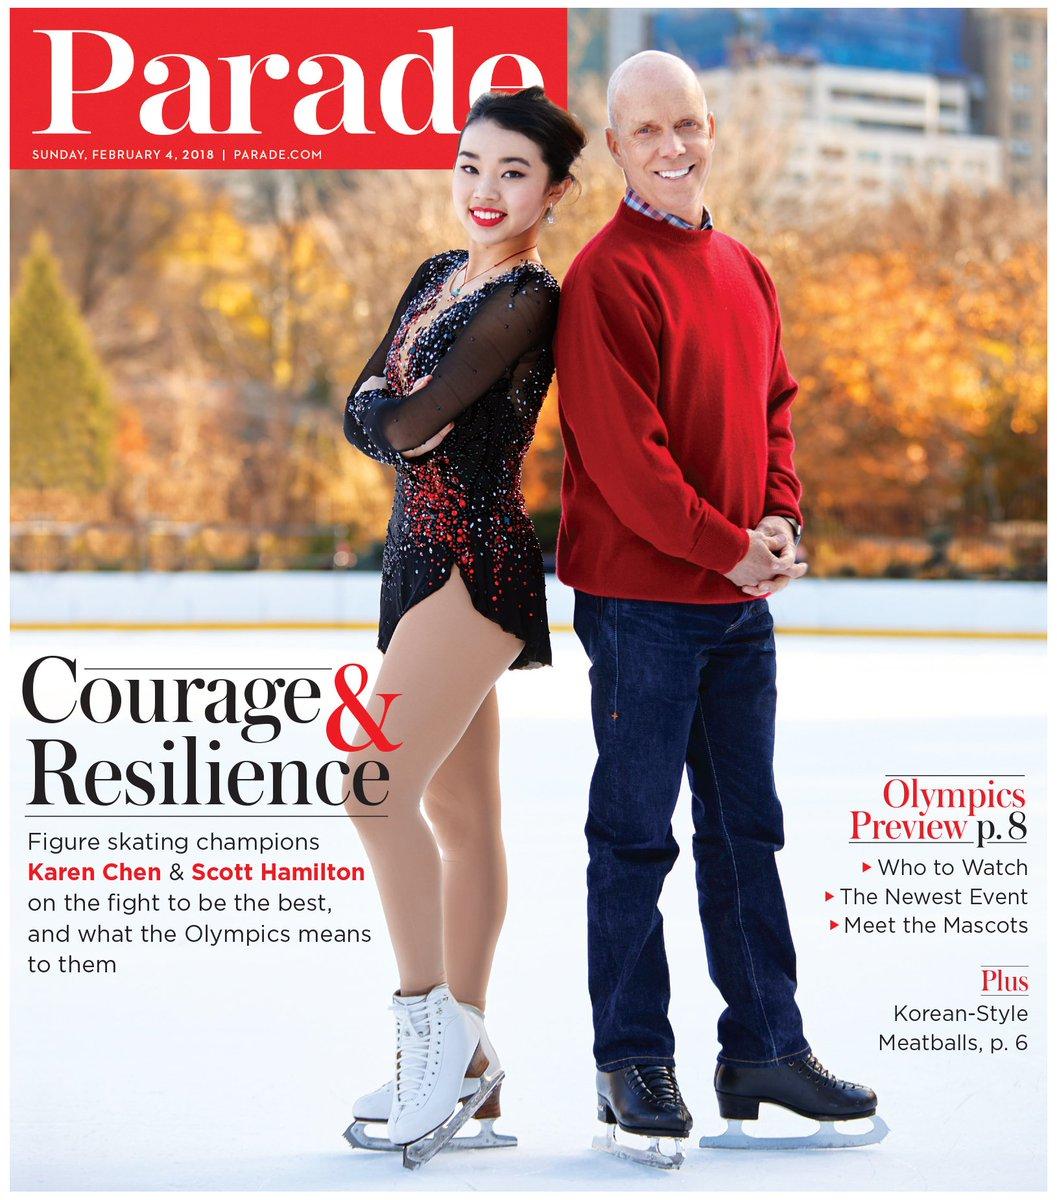 Parade Magazine on Twitter: